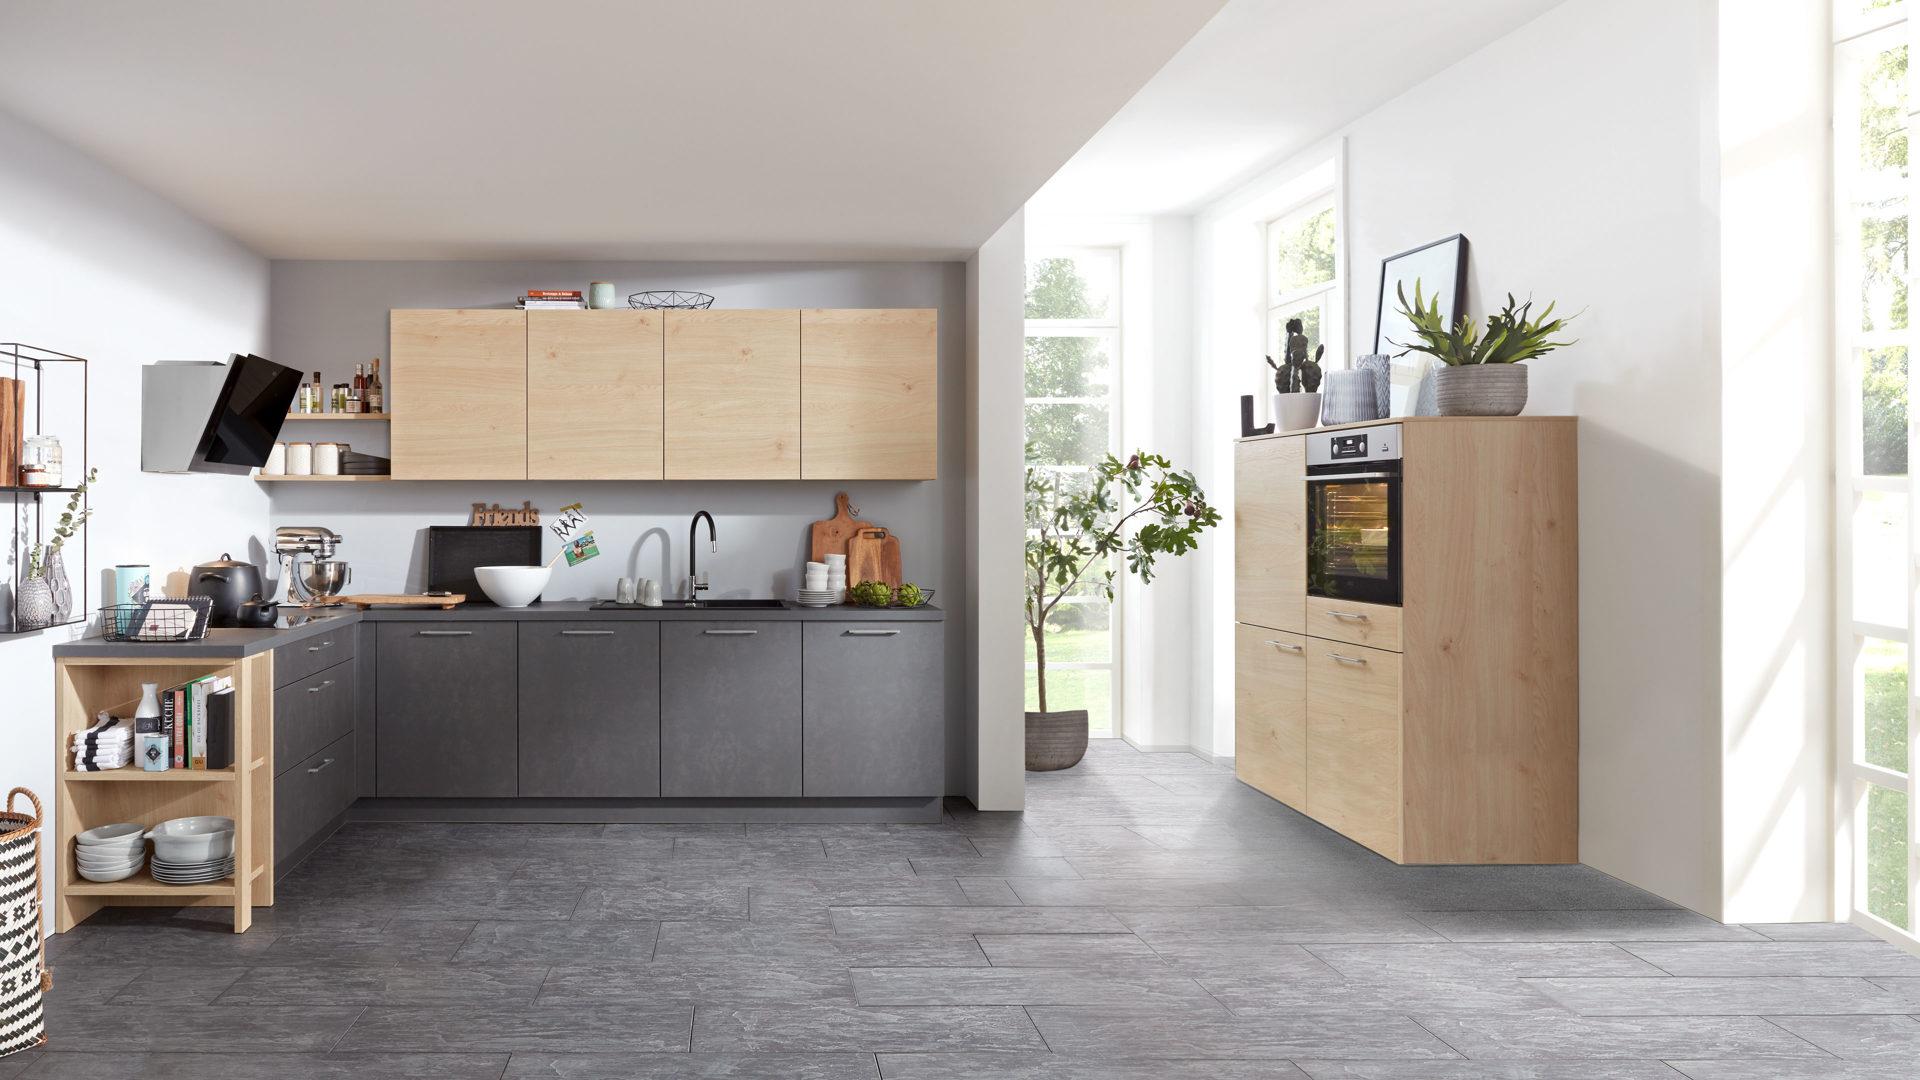 Interliving Küche Serie 3008 mit AEG Einbaugeräten, stahlgraue &  Asteichefarbene Kunststoffoberflächen – zweiteilig